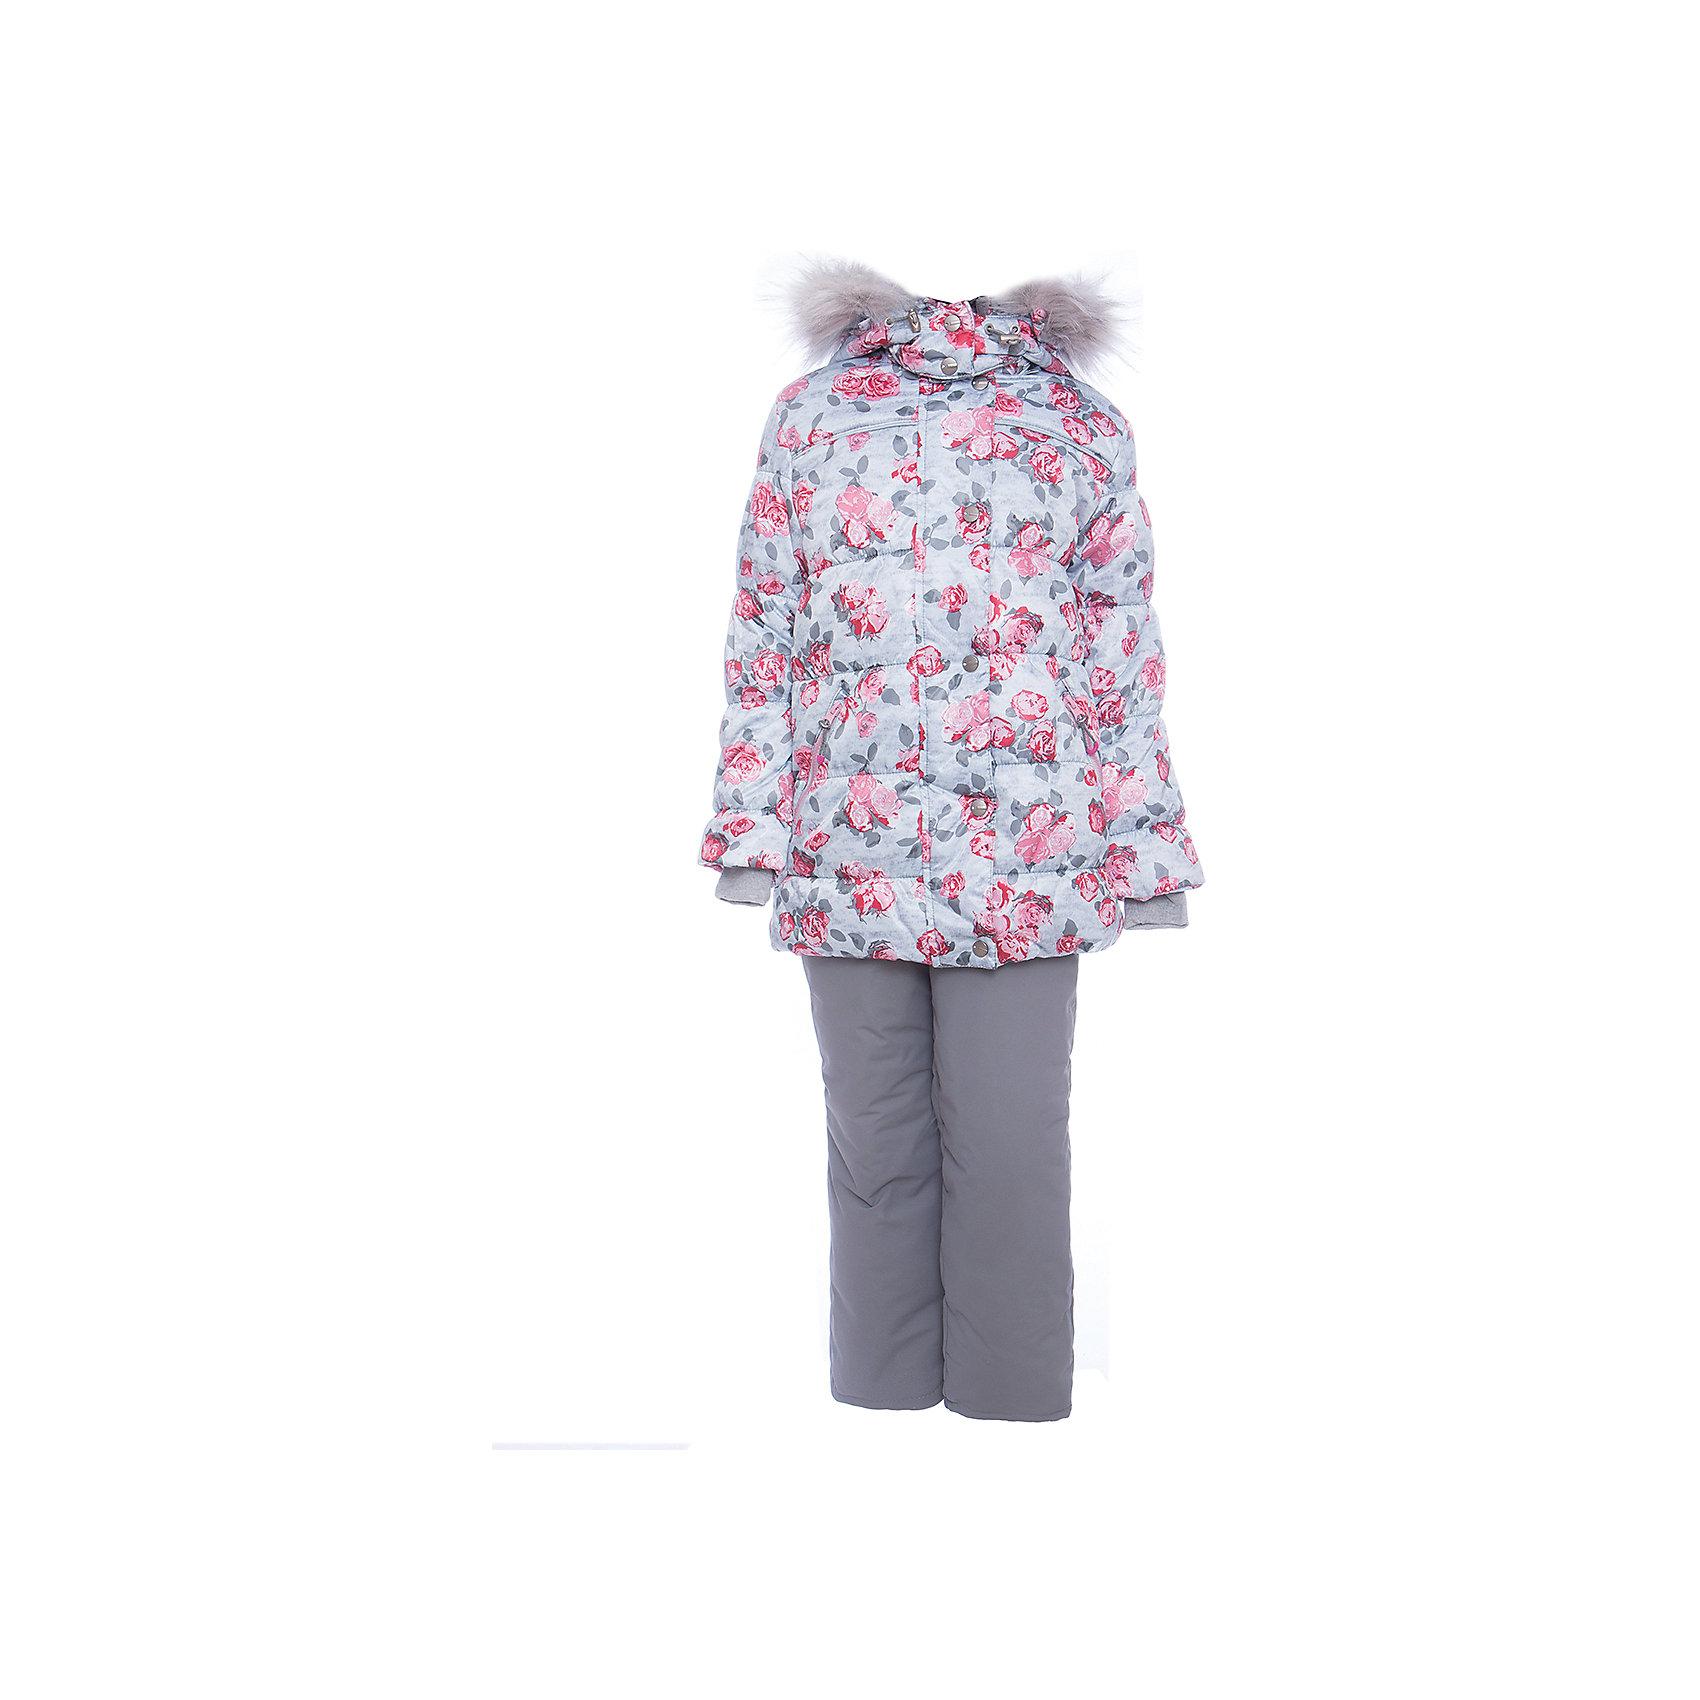 Комплект: куртка и полукомбенизон Белла BatikВерхняя одежда<br>Характеристики товара:<br><br>• цвет: красный<br>• комплектация: куртка и полукомбинезон <br>• состав ткани: твил<br>• подкладка: поларфлис<br>• утеплитель: слайтекс, синтепон <br>• сезон: зима<br>• мембранное покрытие<br>• температурный режим: от -35 до 0<br>• водонепроницаемость: 5000 мм <br>• паропроницаемость: 5000 г/м2<br>• плотность утеплителя: куртка - 300 г/м2, полукомбинезон - 200 г/м2<br>• застежка: молния<br>• капюшон: с мехом, отстегивается<br>• встроенный термодатчик<br>• страна бренда: Россия<br>• страна изготовитель: Россия<br><br>Зимний комплект Batik для девочки дополнен продуманными элементами, обеспечивающими тепло и комфорт. Капюшон, карманы, молния - всё это делает зимний комплект очень удобным. Верх мембранного комплекта плотный и износостойкий, подкладка детского комплекта сделана из мягкого флиса.<br><br>Комплект: куртка и полукомбинезон Белла Batik (Батик) для девочки можно купить в нашем интернет-магазине.<br><br>Ширина мм: 356<br>Глубина мм: 10<br>Высота мм: 245<br>Вес г: 519<br>Цвет: красный<br>Возраст от месяцев: 60<br>Возраст до месяцев: 72<br>Пол: Унисекс<br>Возраст: Детский<br>Размер: 116,122,104,110<br>SKU: 7028172